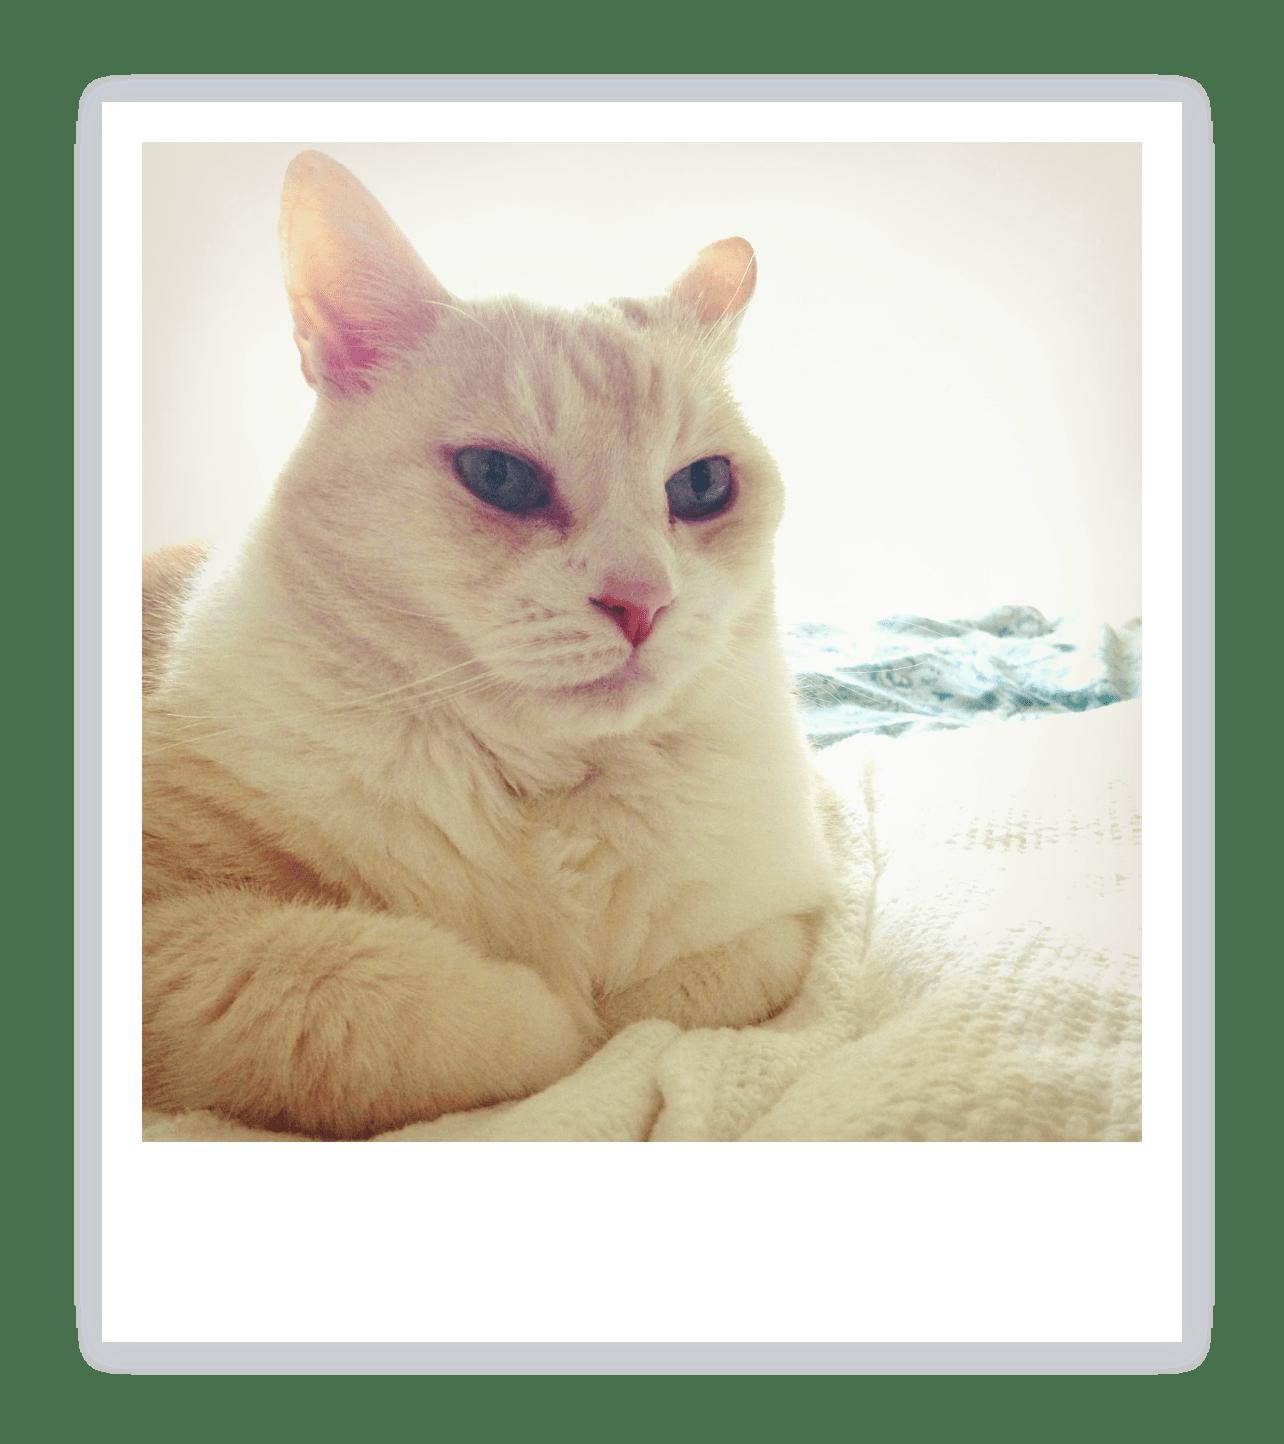 不機嫌な猫がやわらかい雰囲気の猫に